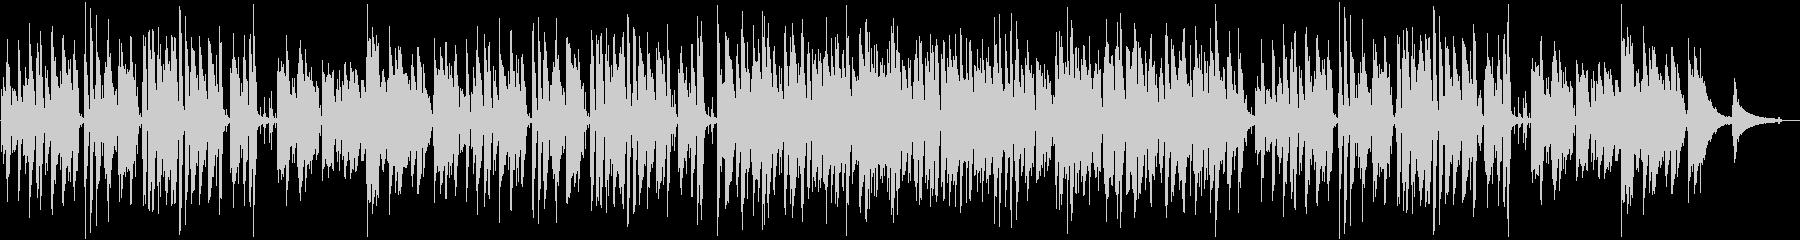 軽快ピアノトリオ 映像シーン ウキウキ感の未再生の波形